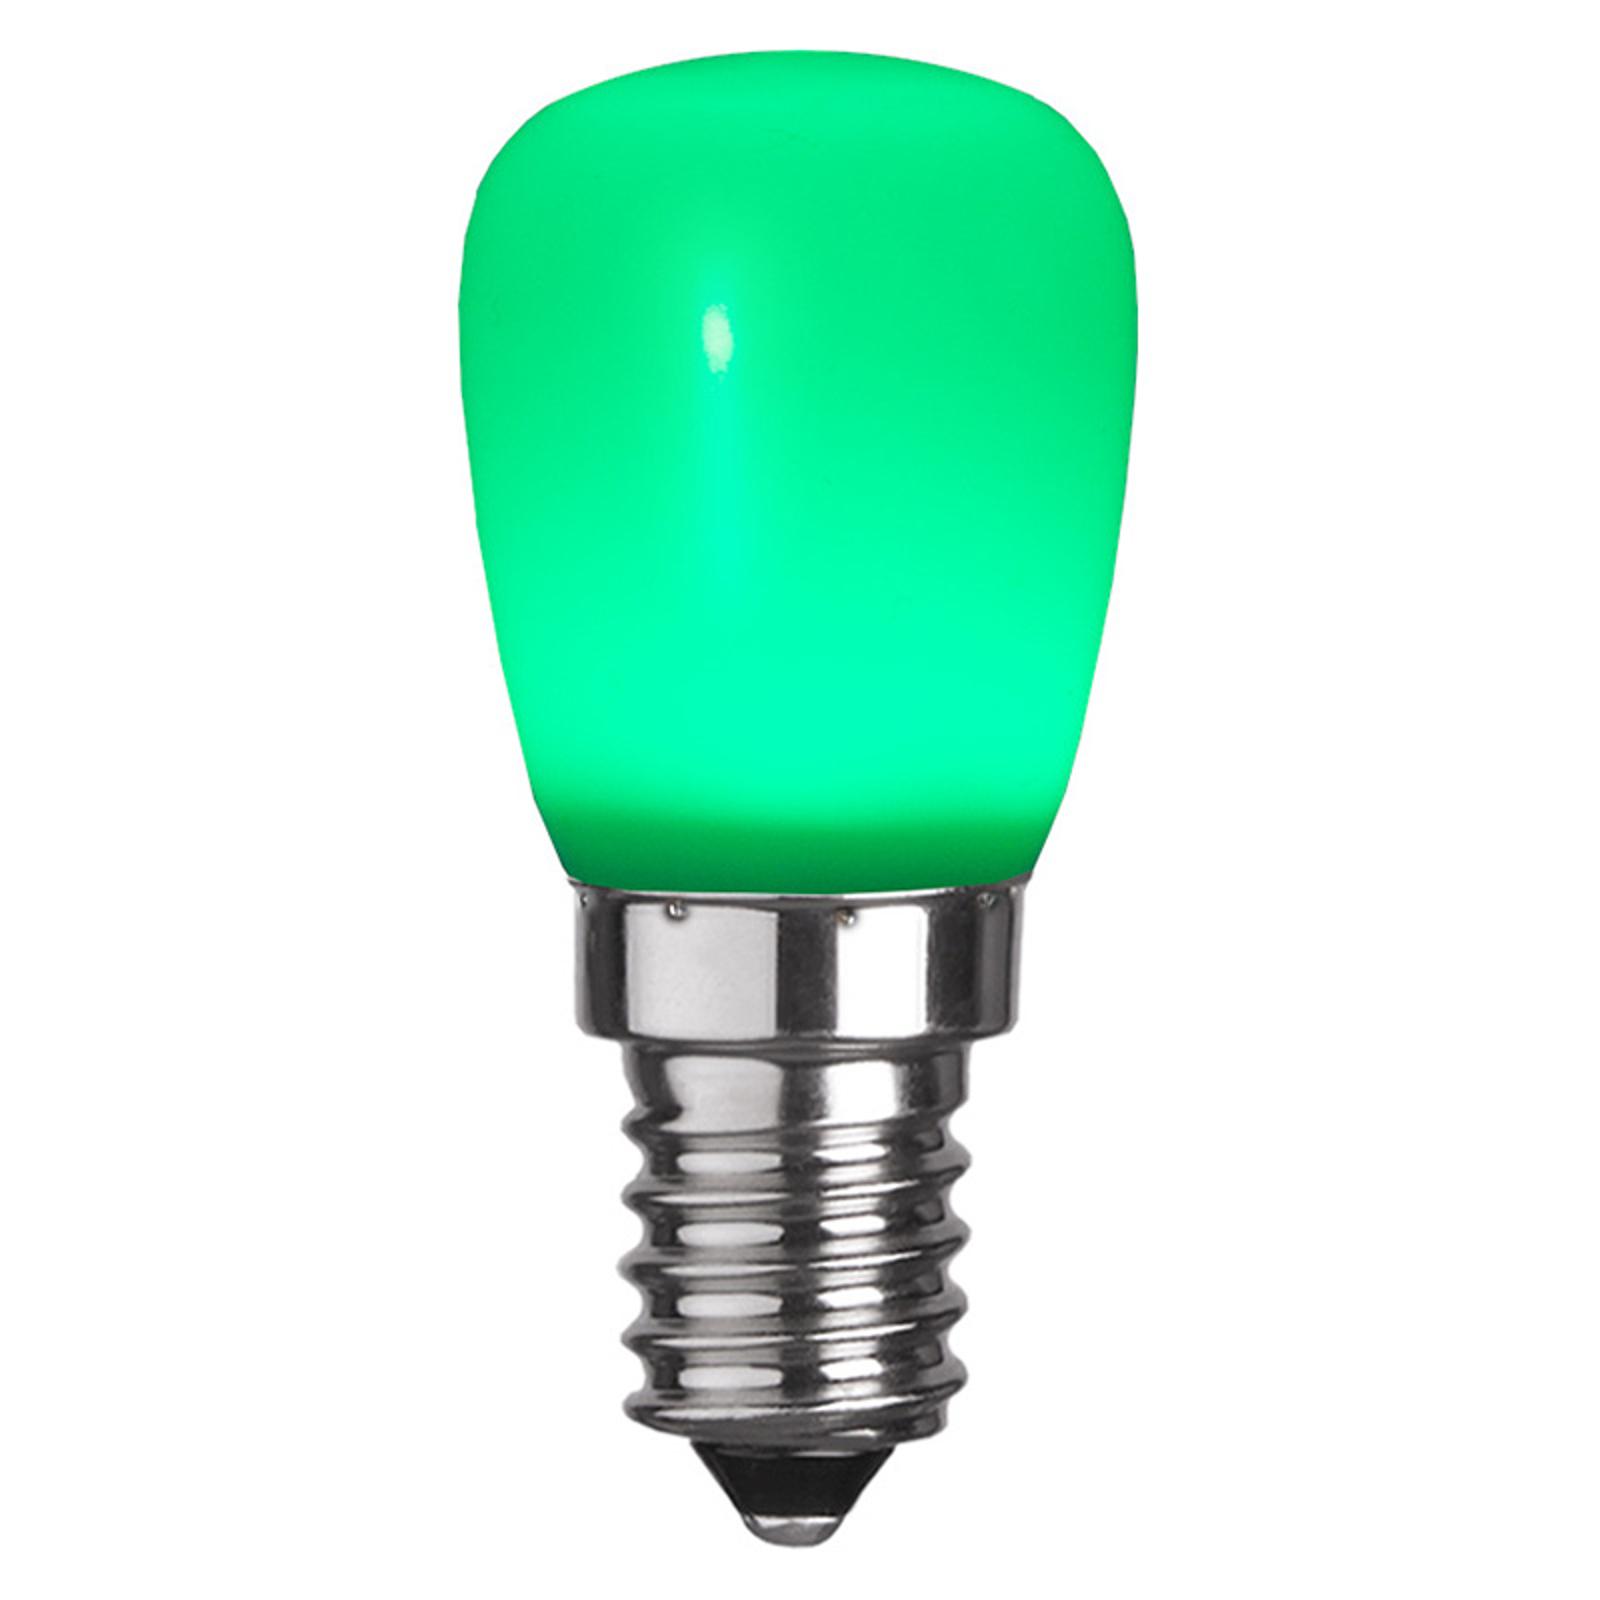 Ampoule LED E14 ST26 matériau synthétique, verte